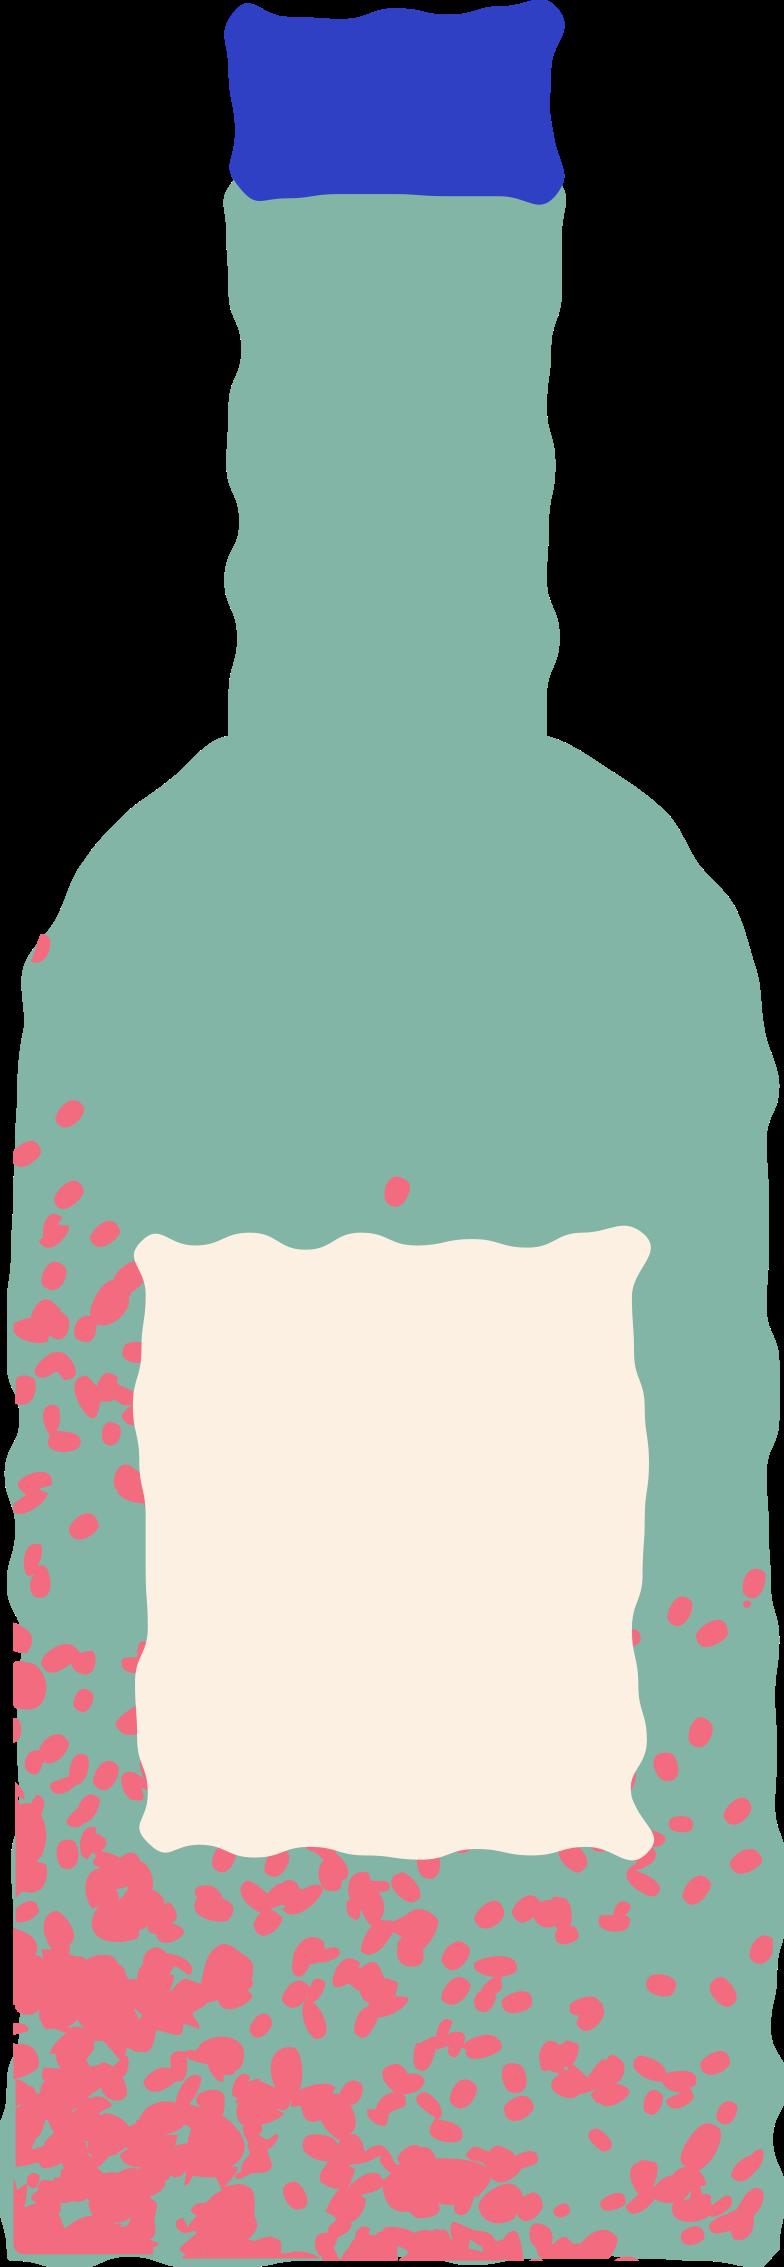 bottle vine Clipart illustration in PNG, SVG